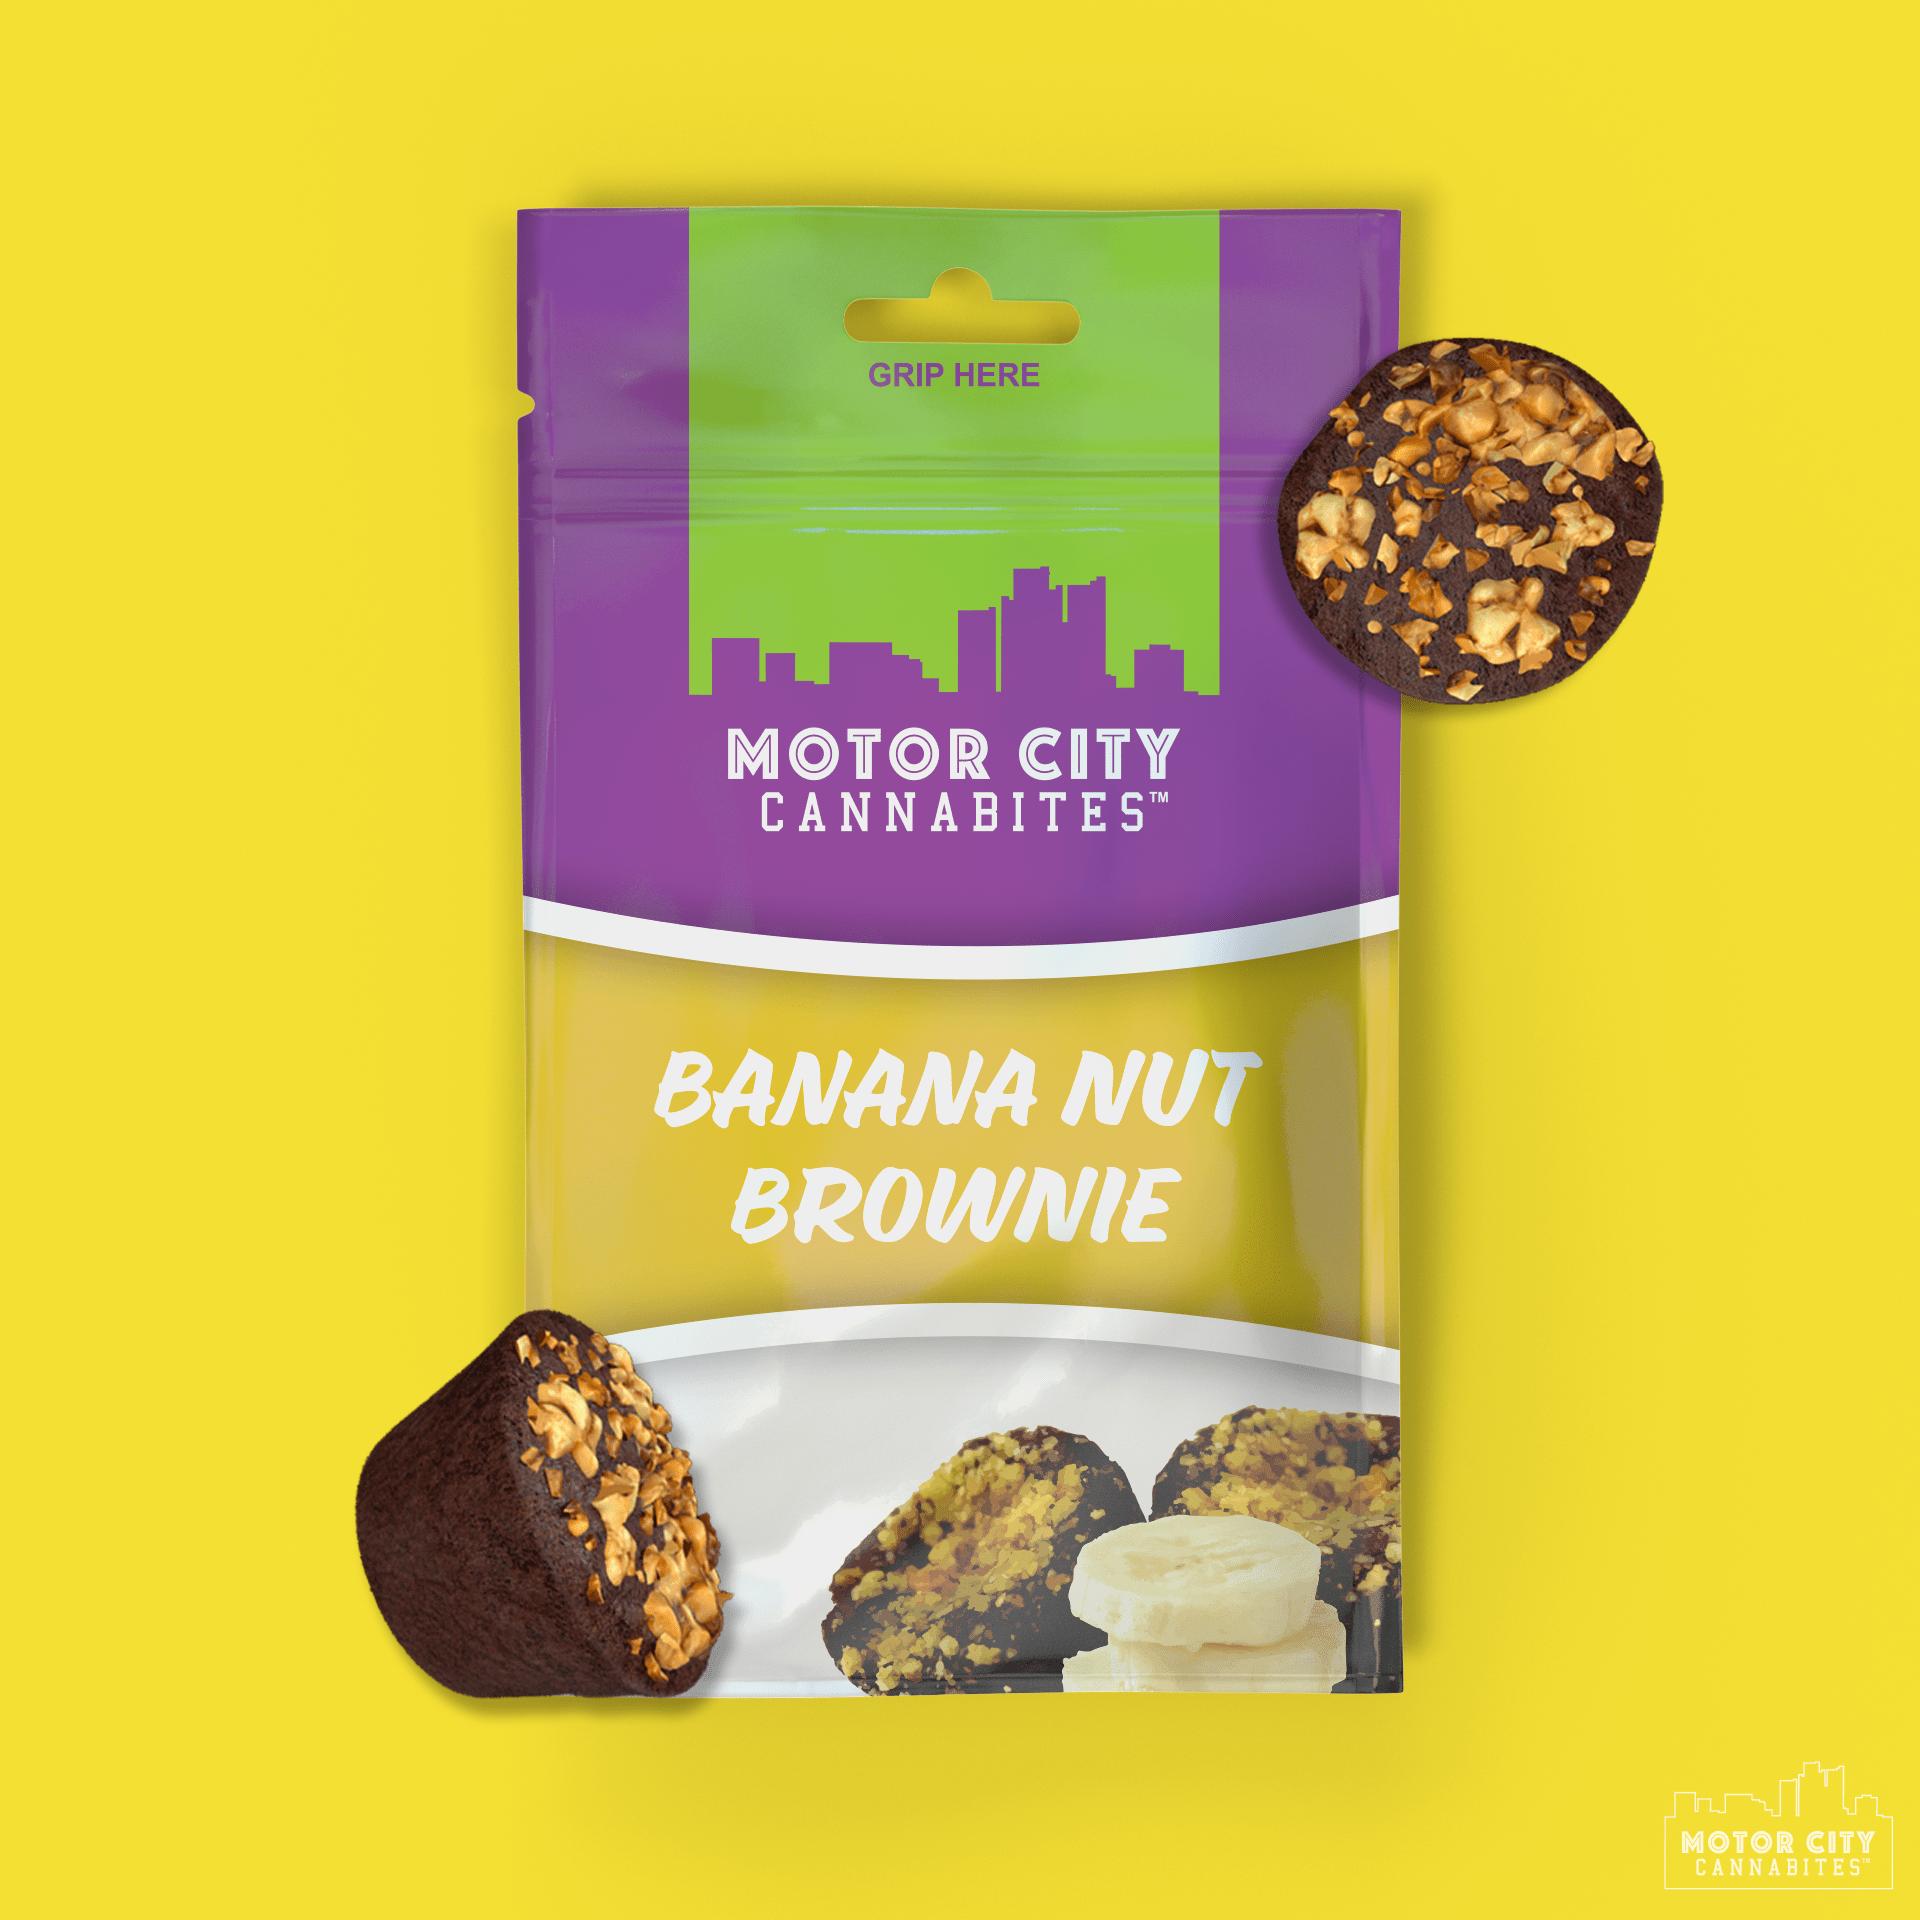 Banana Nut Brownie Cannabis Edible - Motor City Cannabites